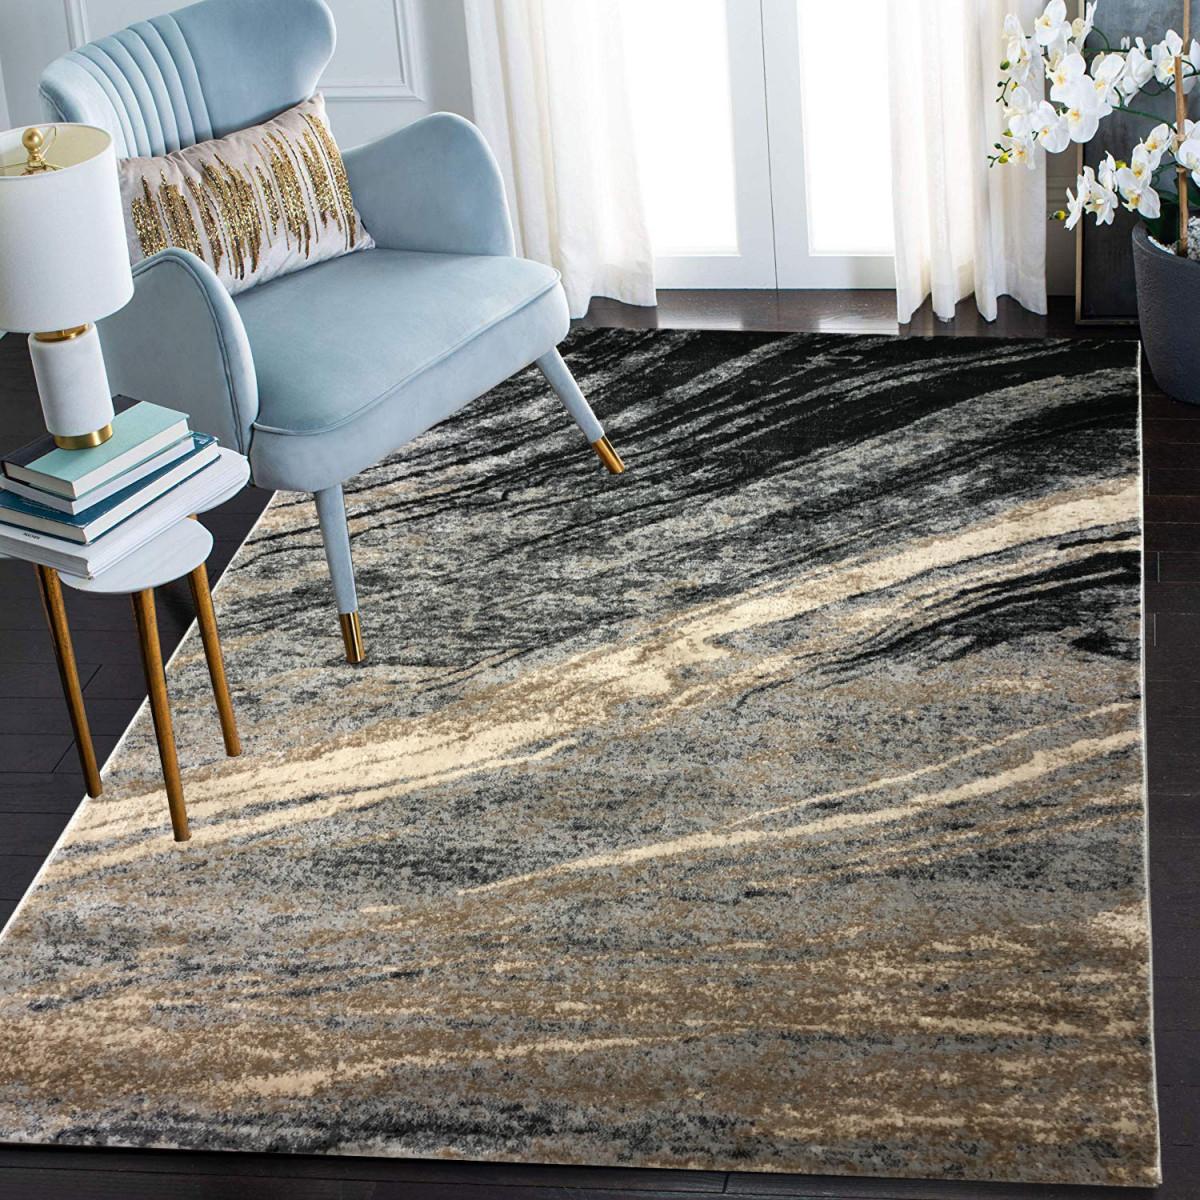 Siela Teppich Wohnzimmer Marmorkurzflor Teppich Marmor Küchenteppich  Teppiche Für Schlafzimmer von Teppich Läufer Wohnzimmer Bild